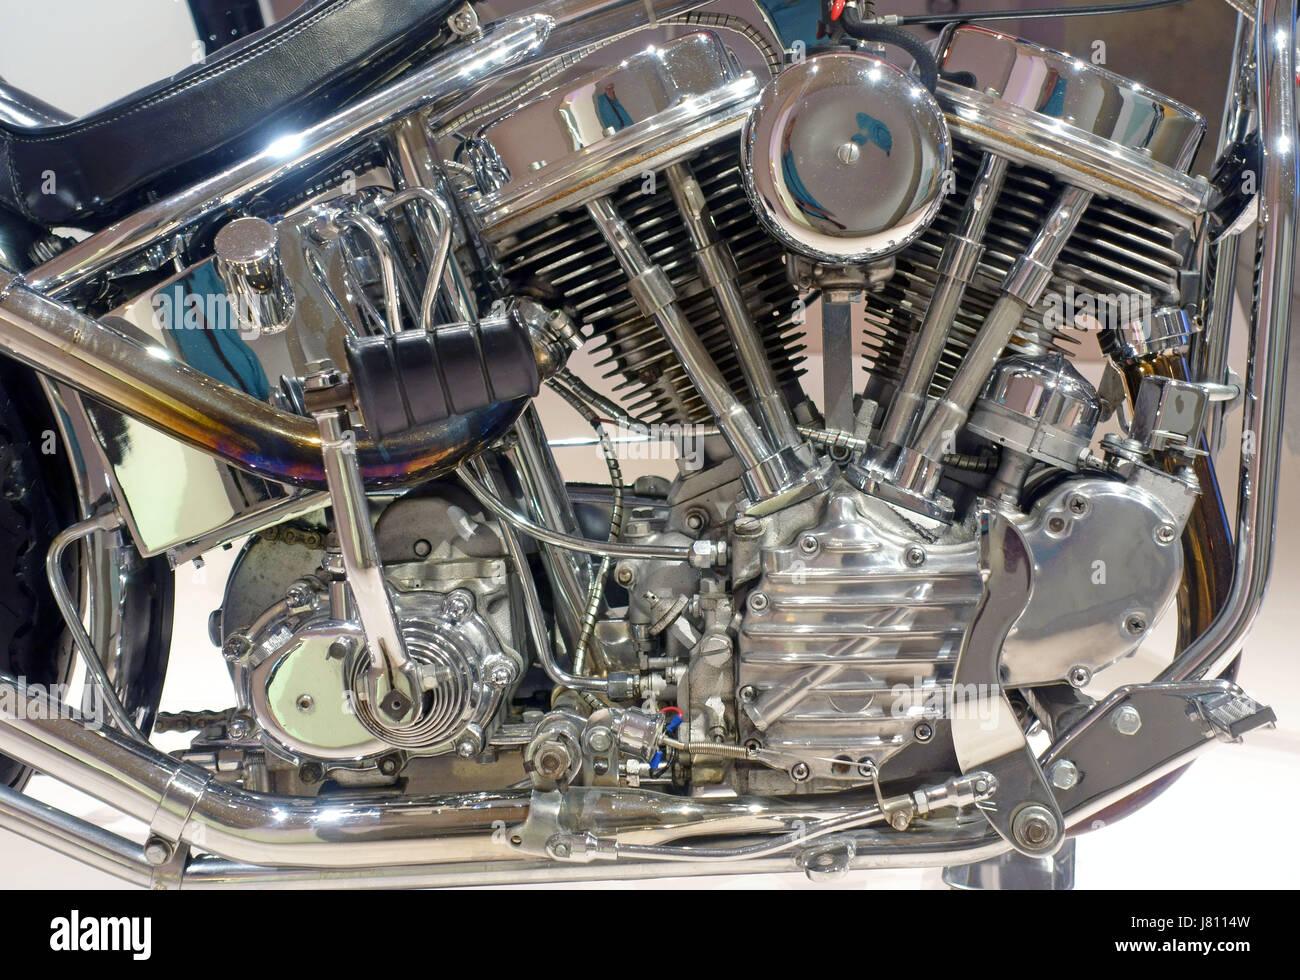 Vintage Harley Motorcycle Parts